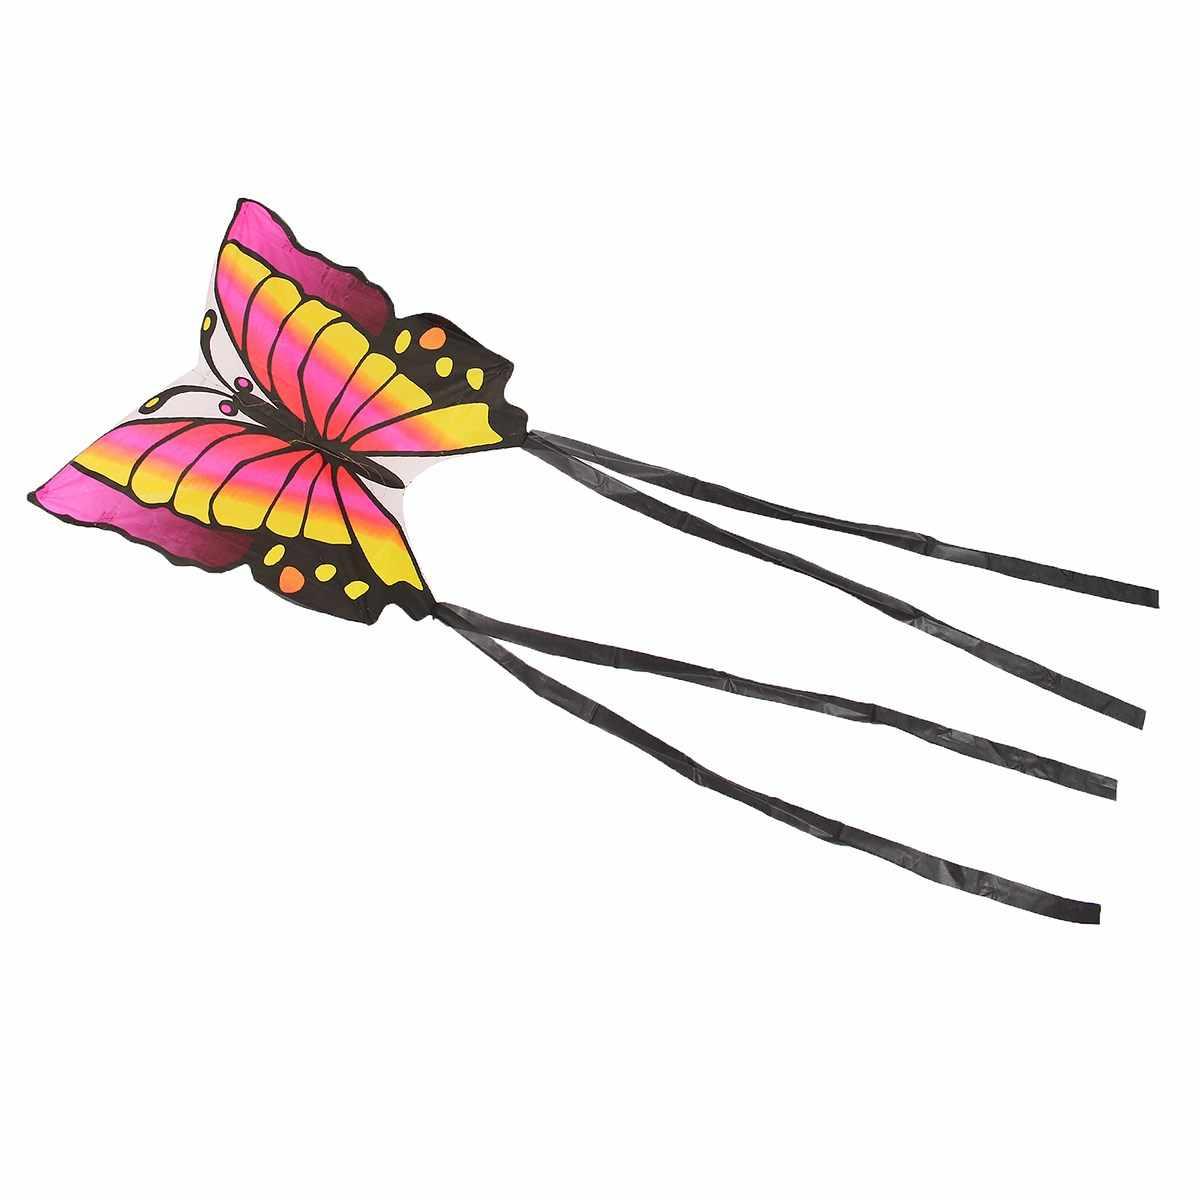 Детский летающий змей-бабочка Летающий воздушный змей с одним леером хвостом 1,5 м уличный Забавный спортивный подарок забавная спортивная игрушка для игр на открытом воздухе